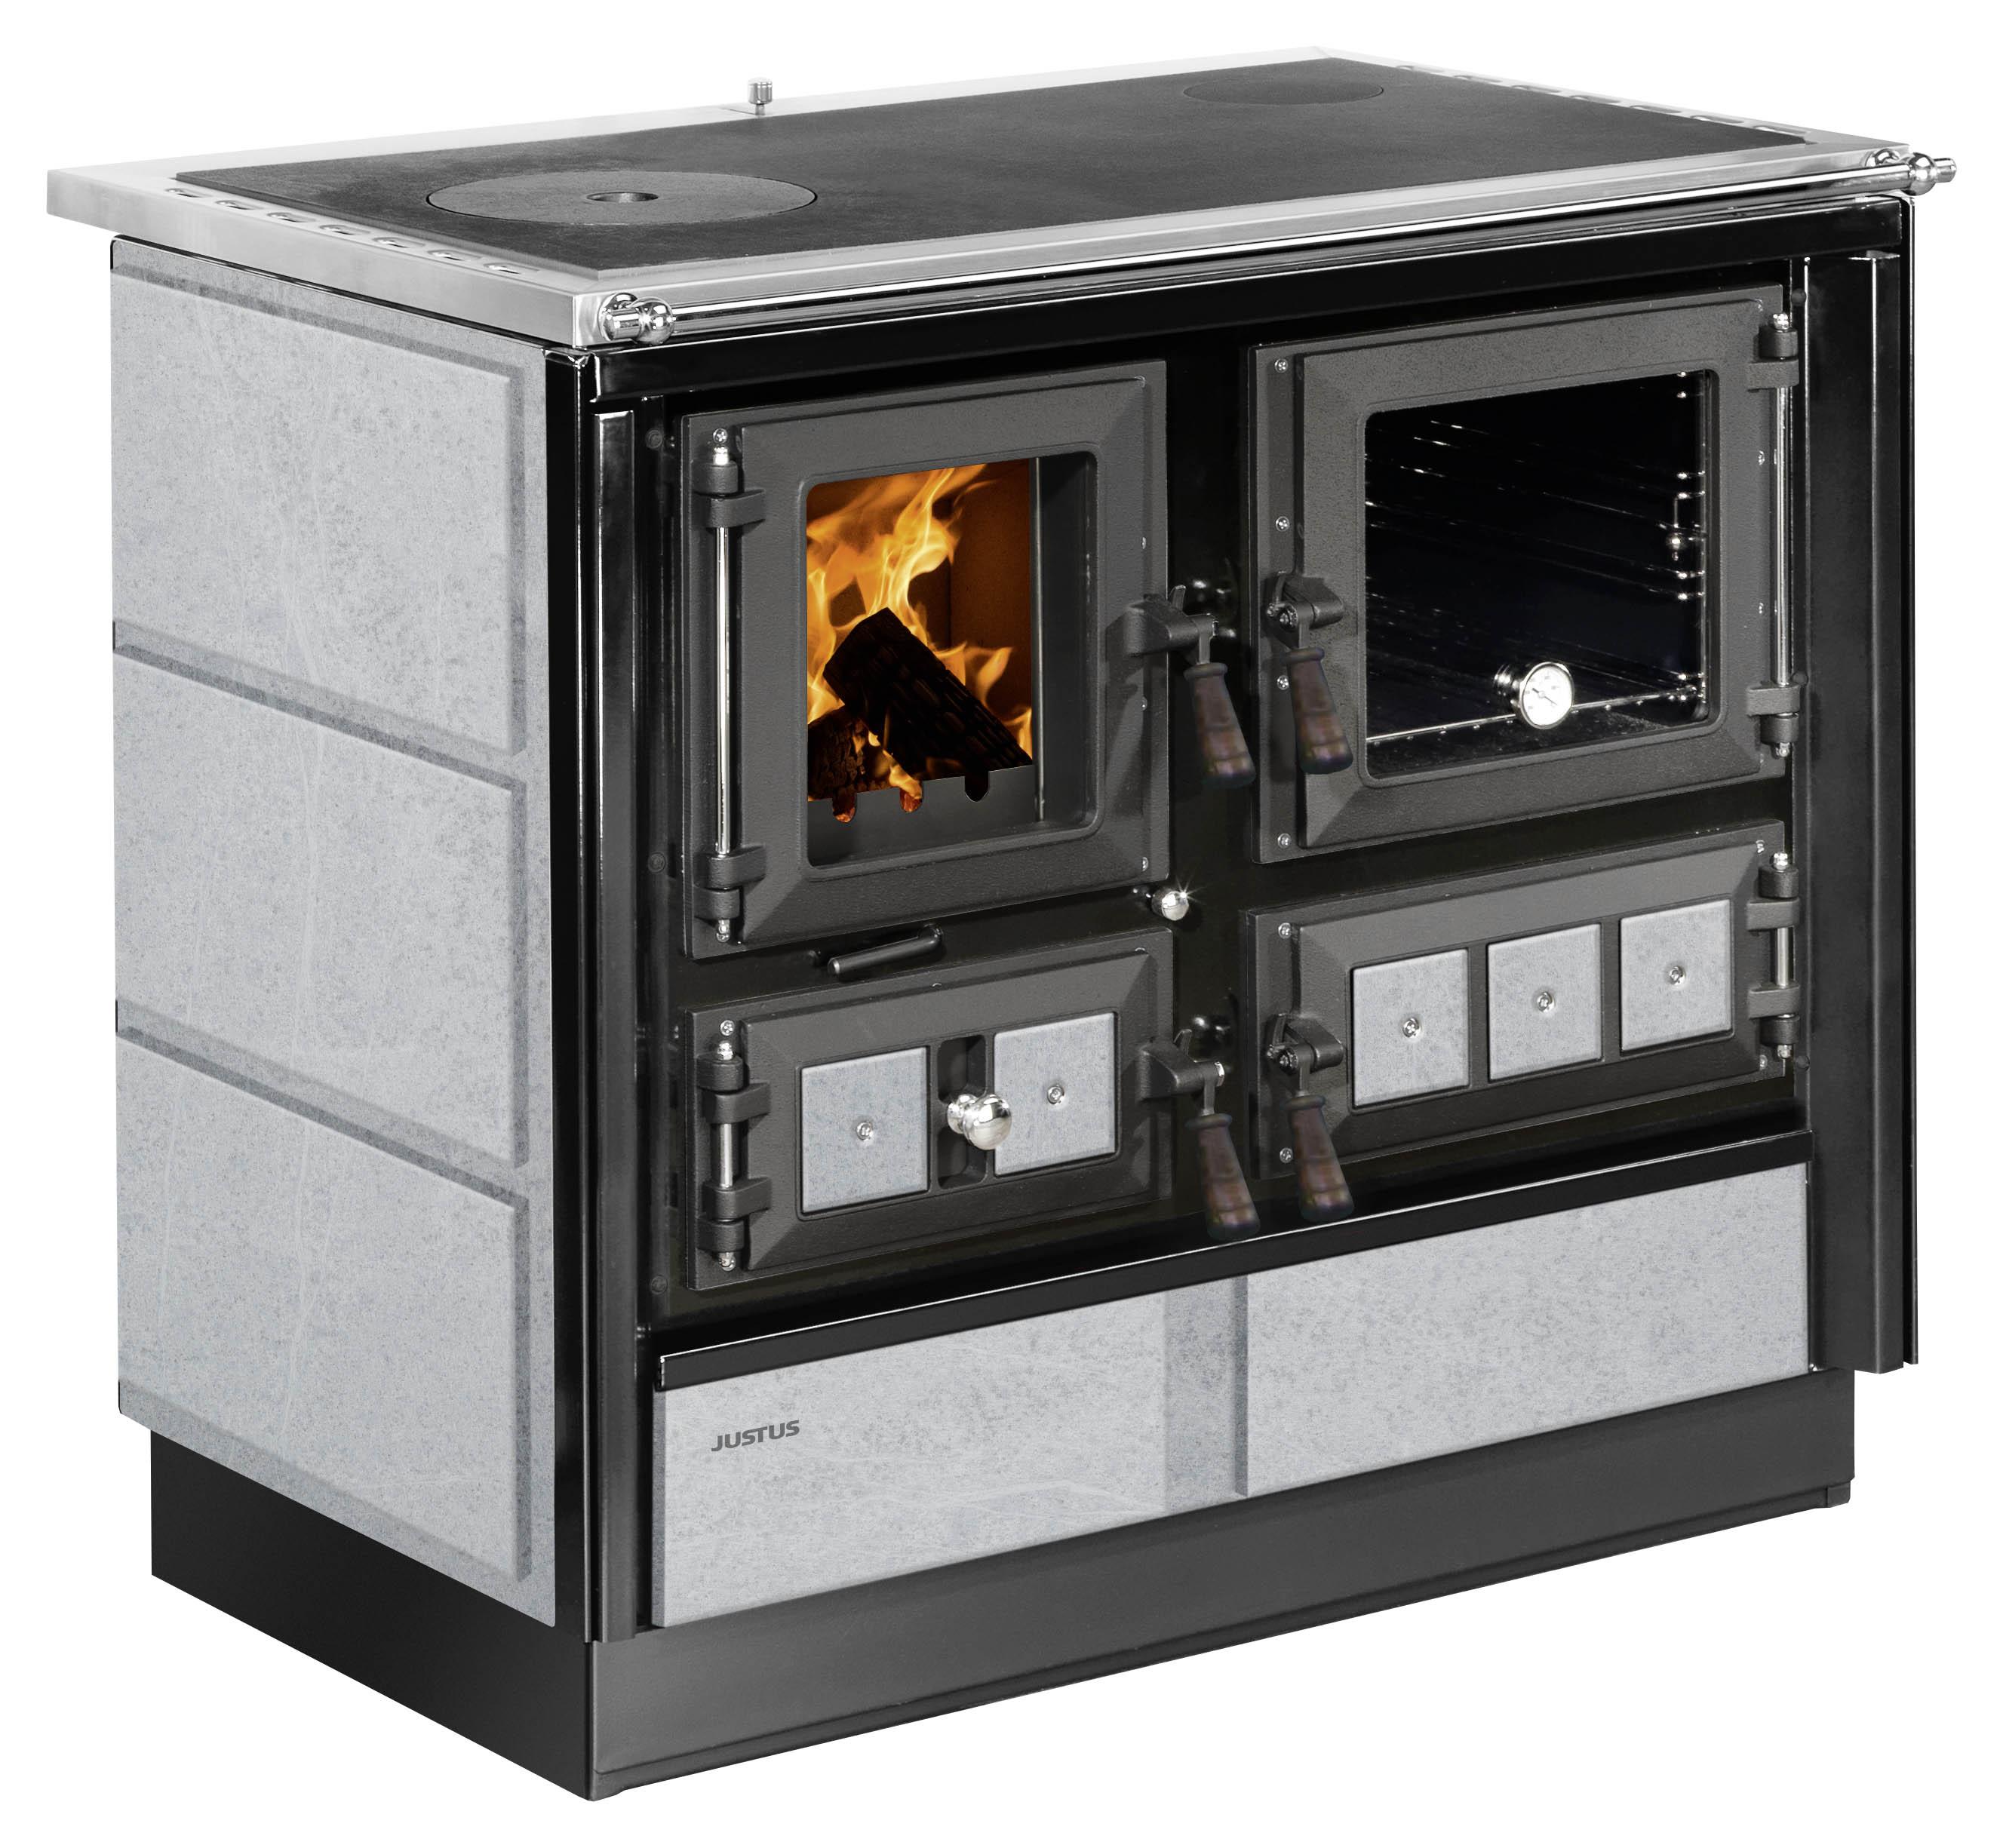 Küchenherd Justus Festbrennstoffherd Rustico-90 2.0 re Stahl  Speckst Bild 1